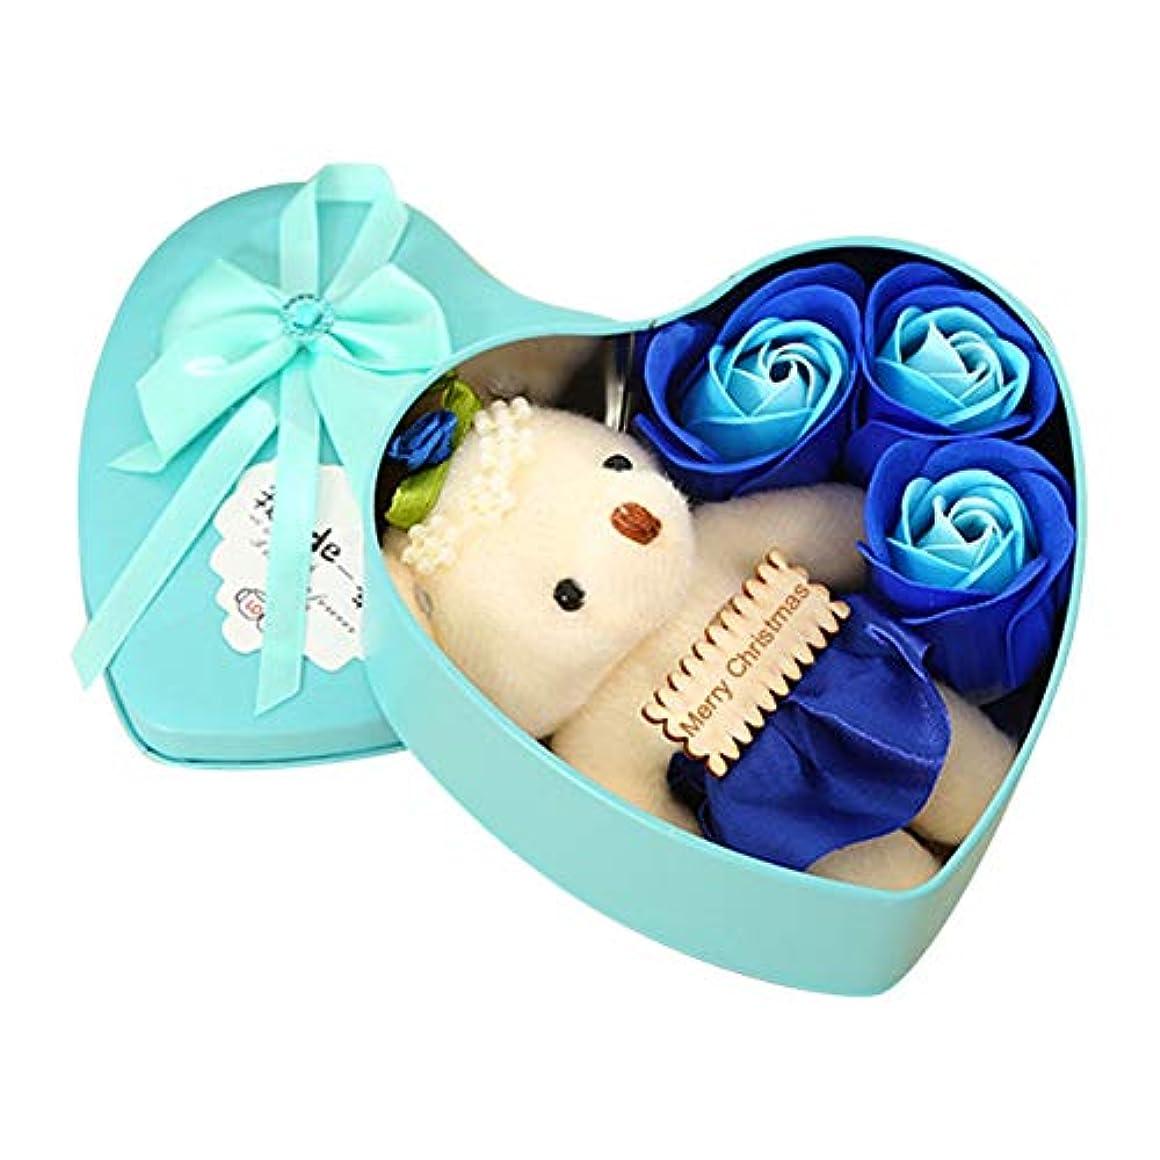 関係する包囲レビュアーリトルベアーとハート型の収納ボックス付き3花の形の石鹸ローズソープ恋人の恋人のためのロマンチックなギフト